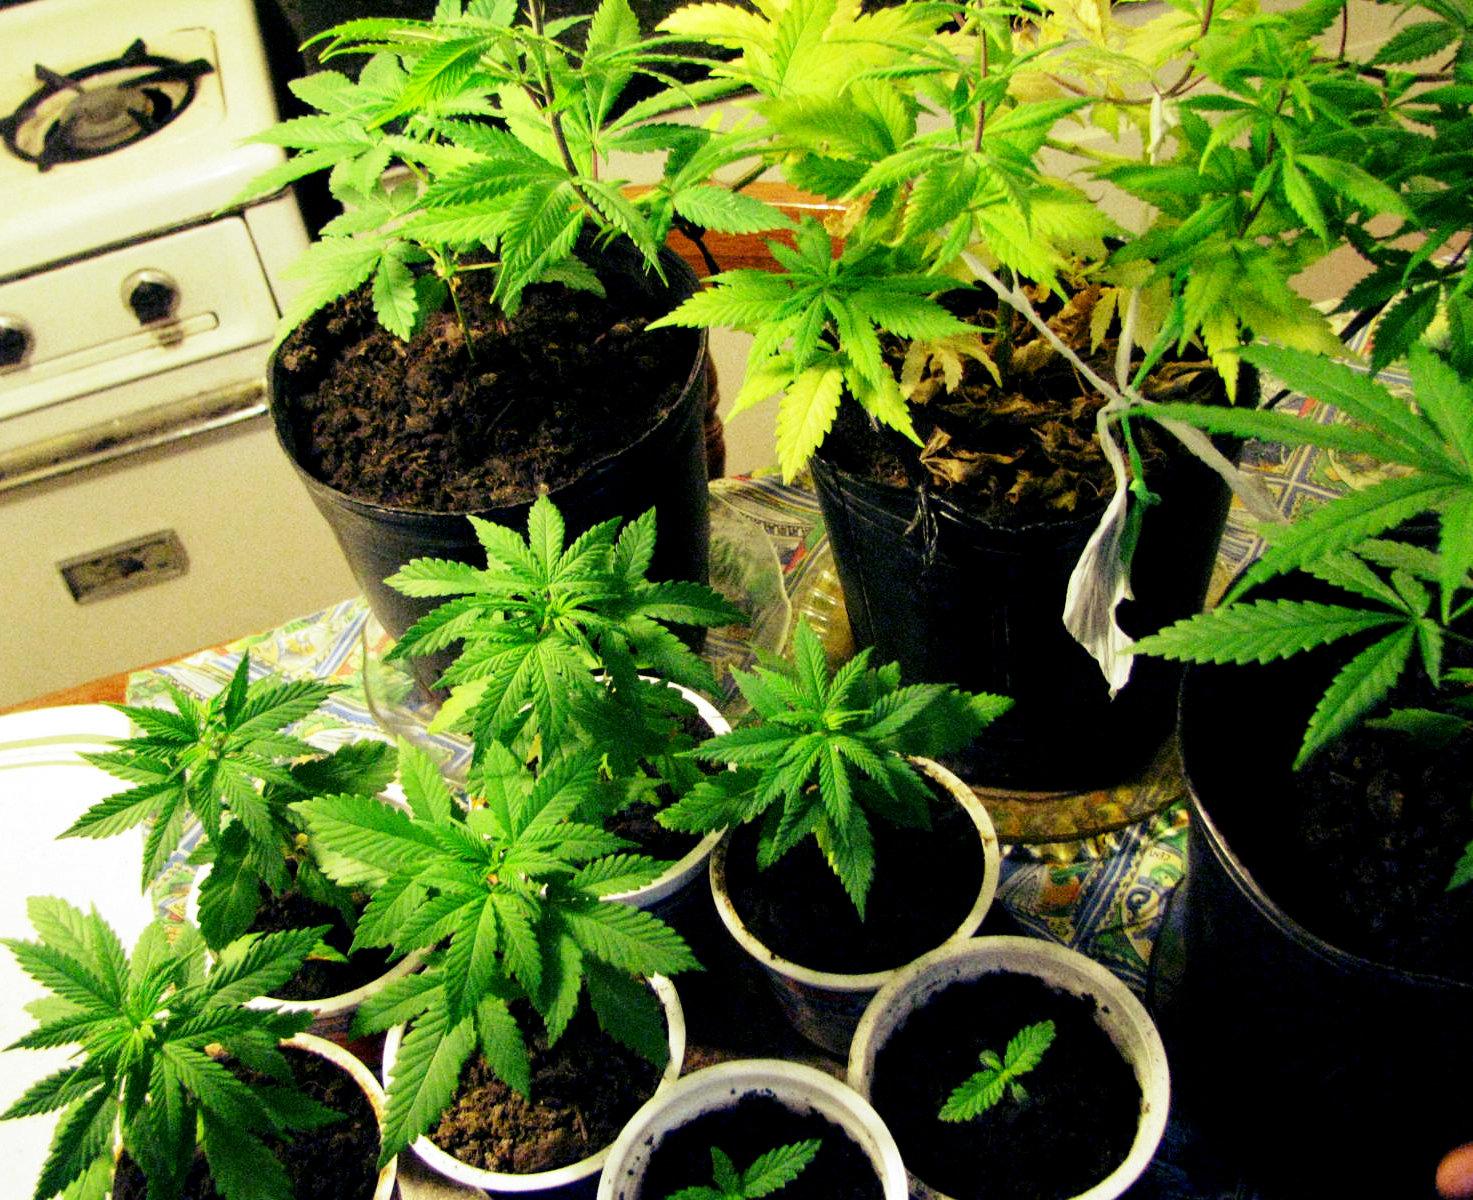 Autocultivo en Argentina: ¿Mamá, puedo tener mi planta?